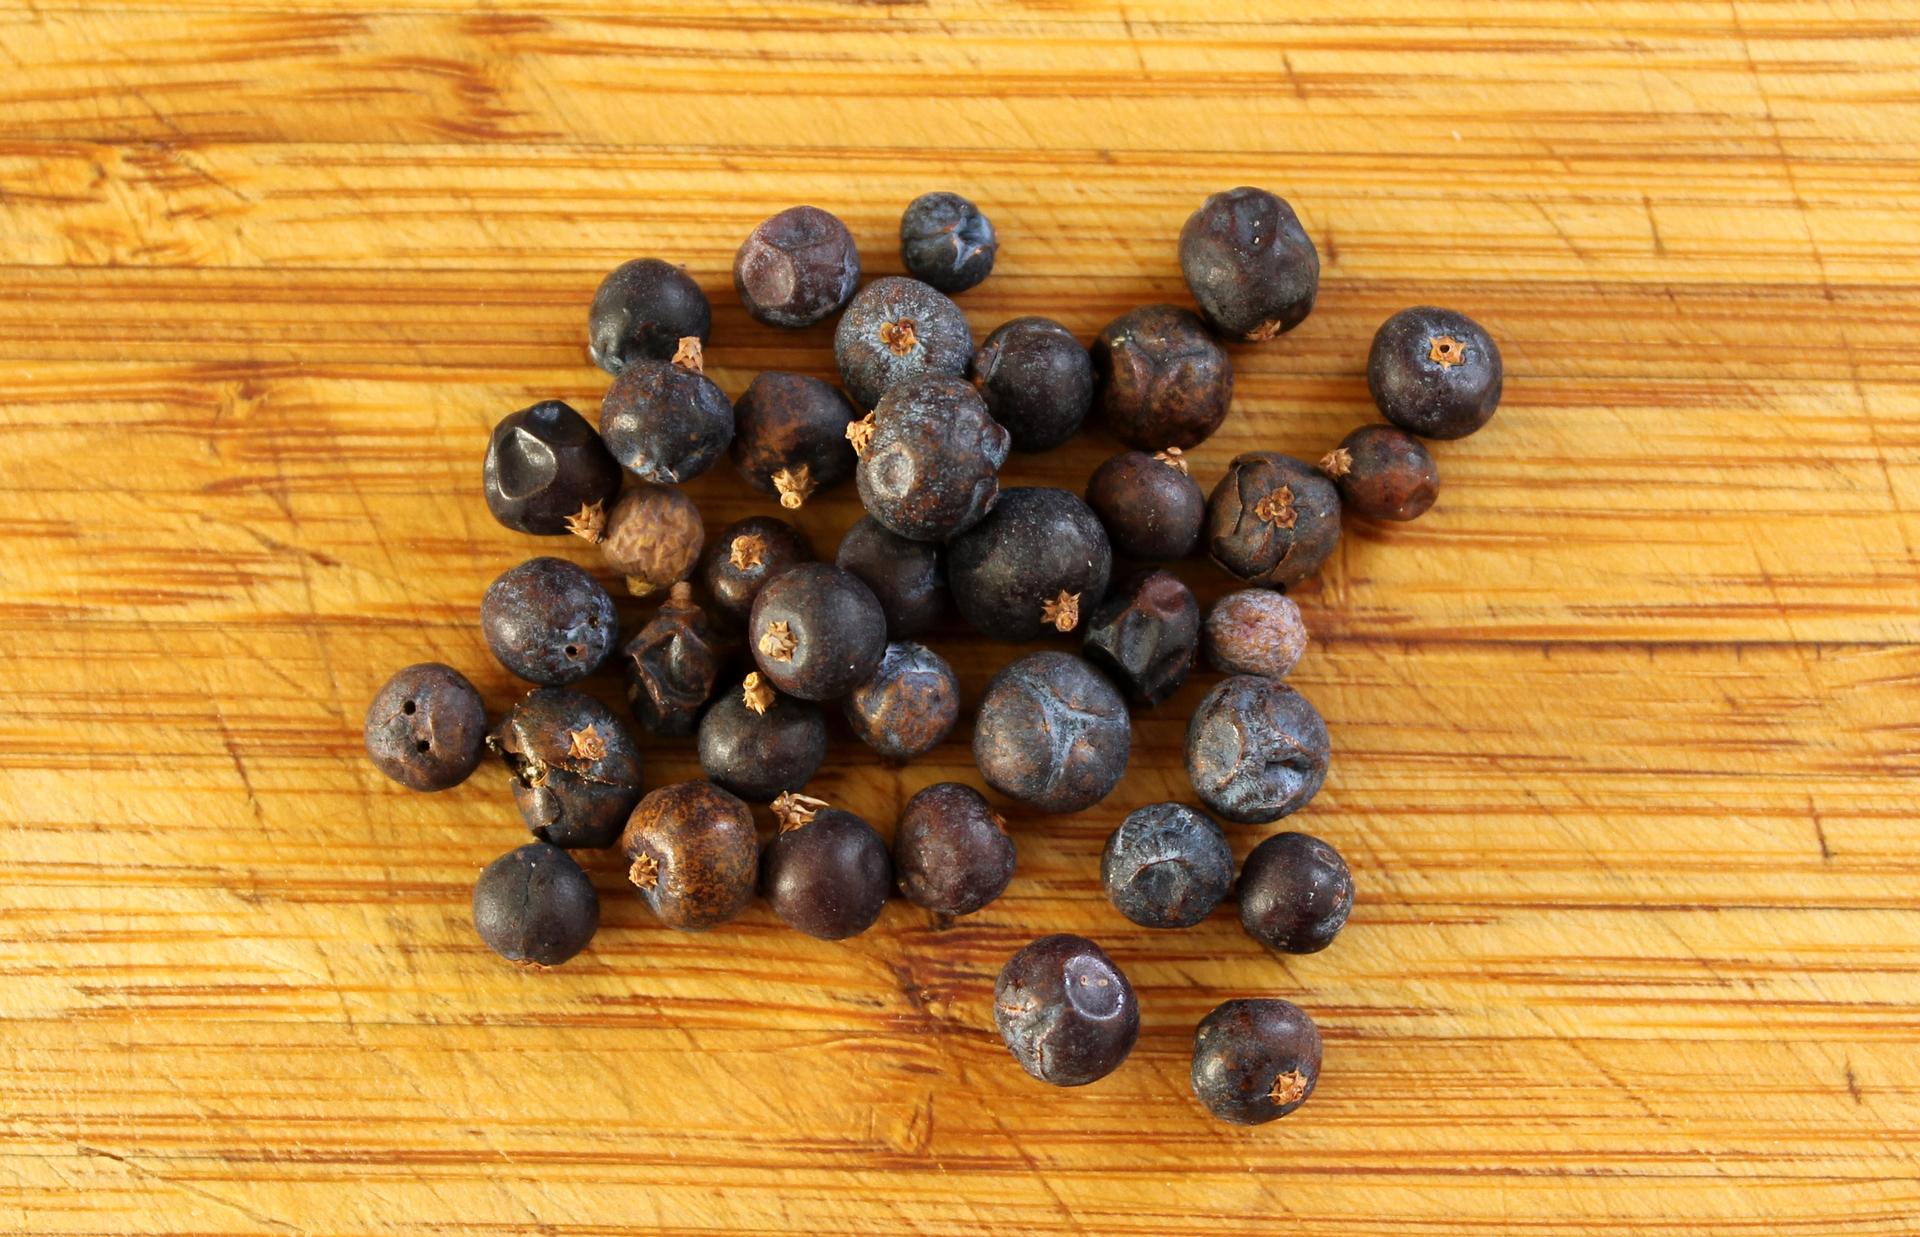 Dried juniper berries.